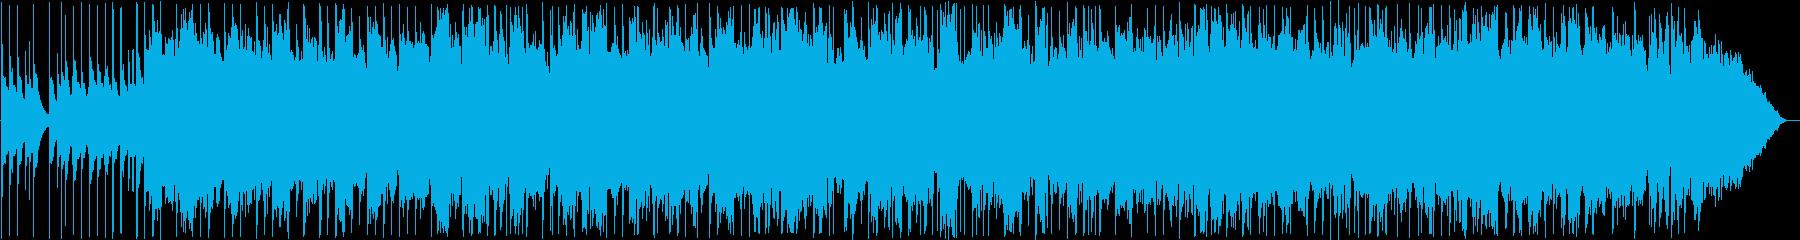 安里屋ゆんた / 沖縄民謡の再生済みの波形